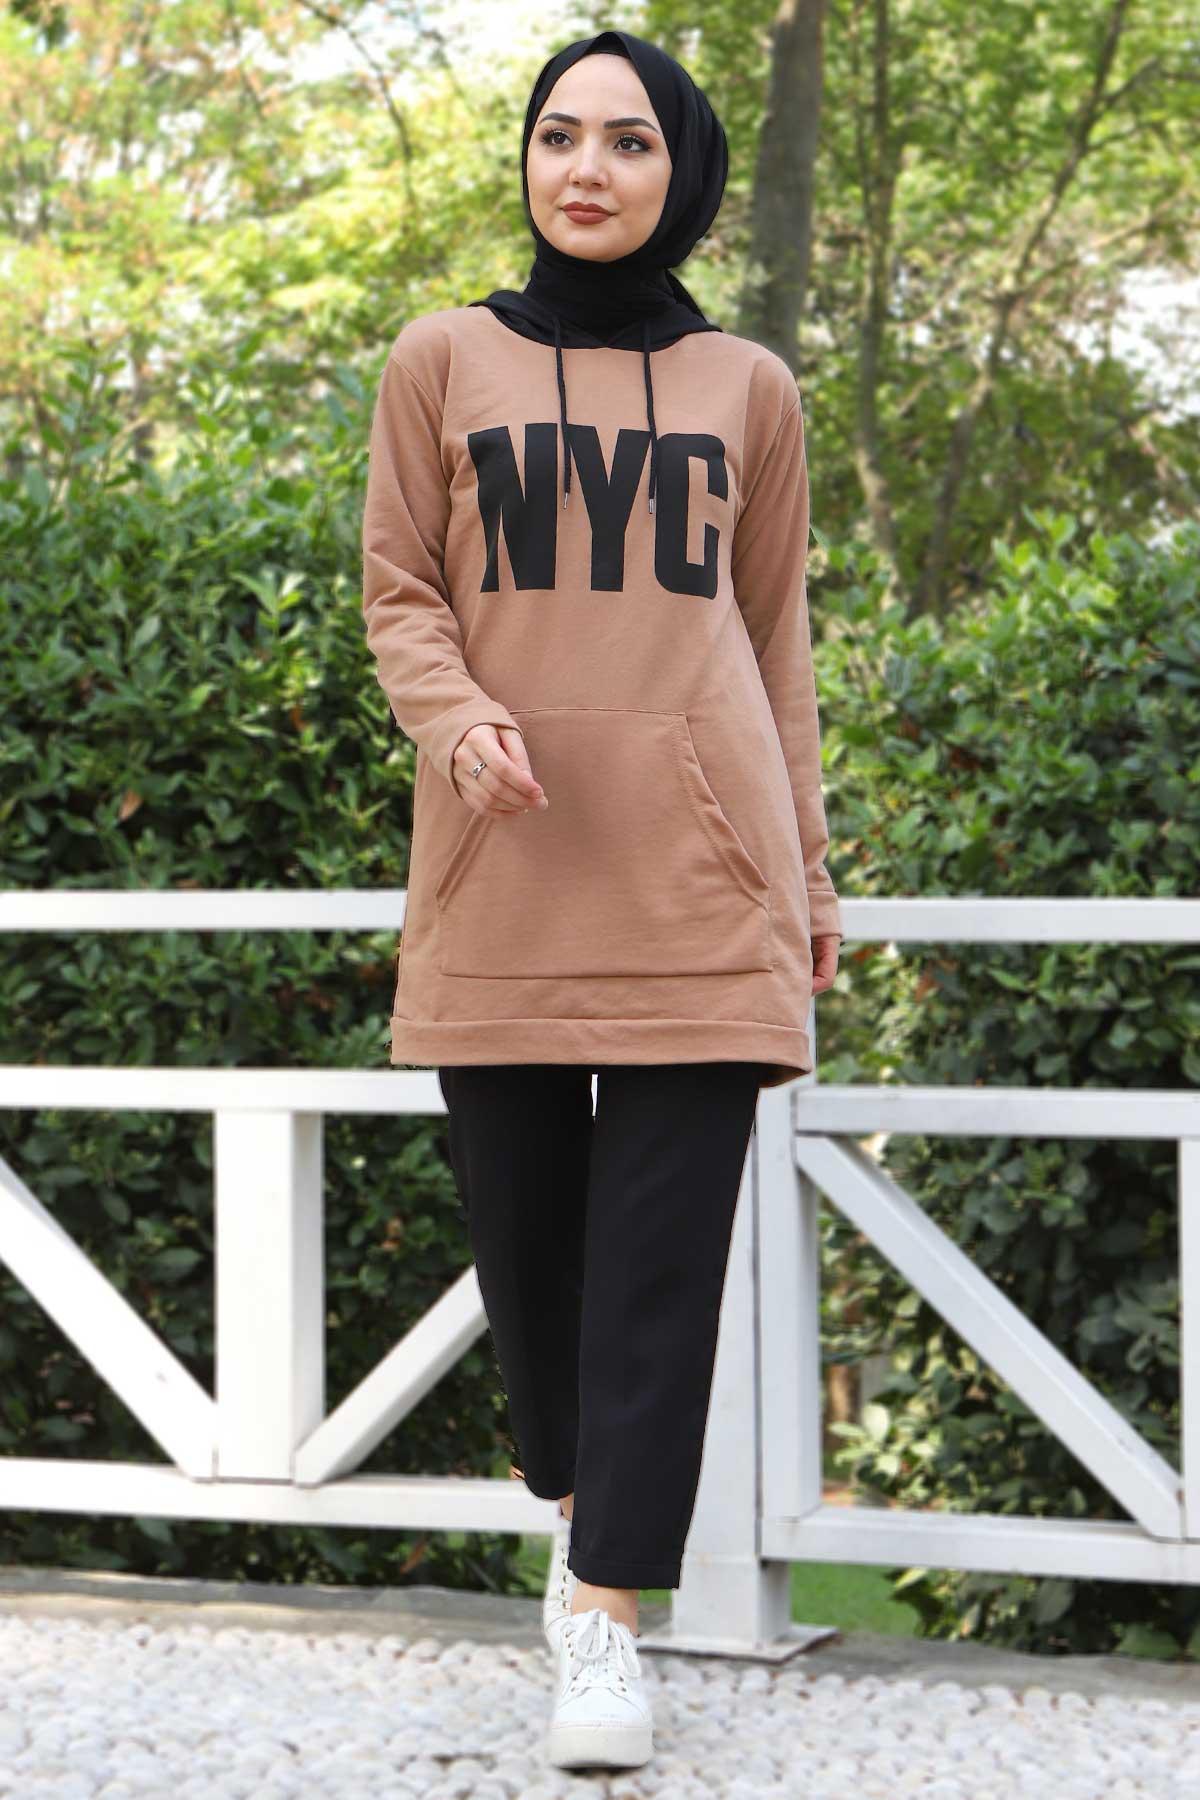 Kanguru Cepli Sweatshirt TSD3320 Vizon